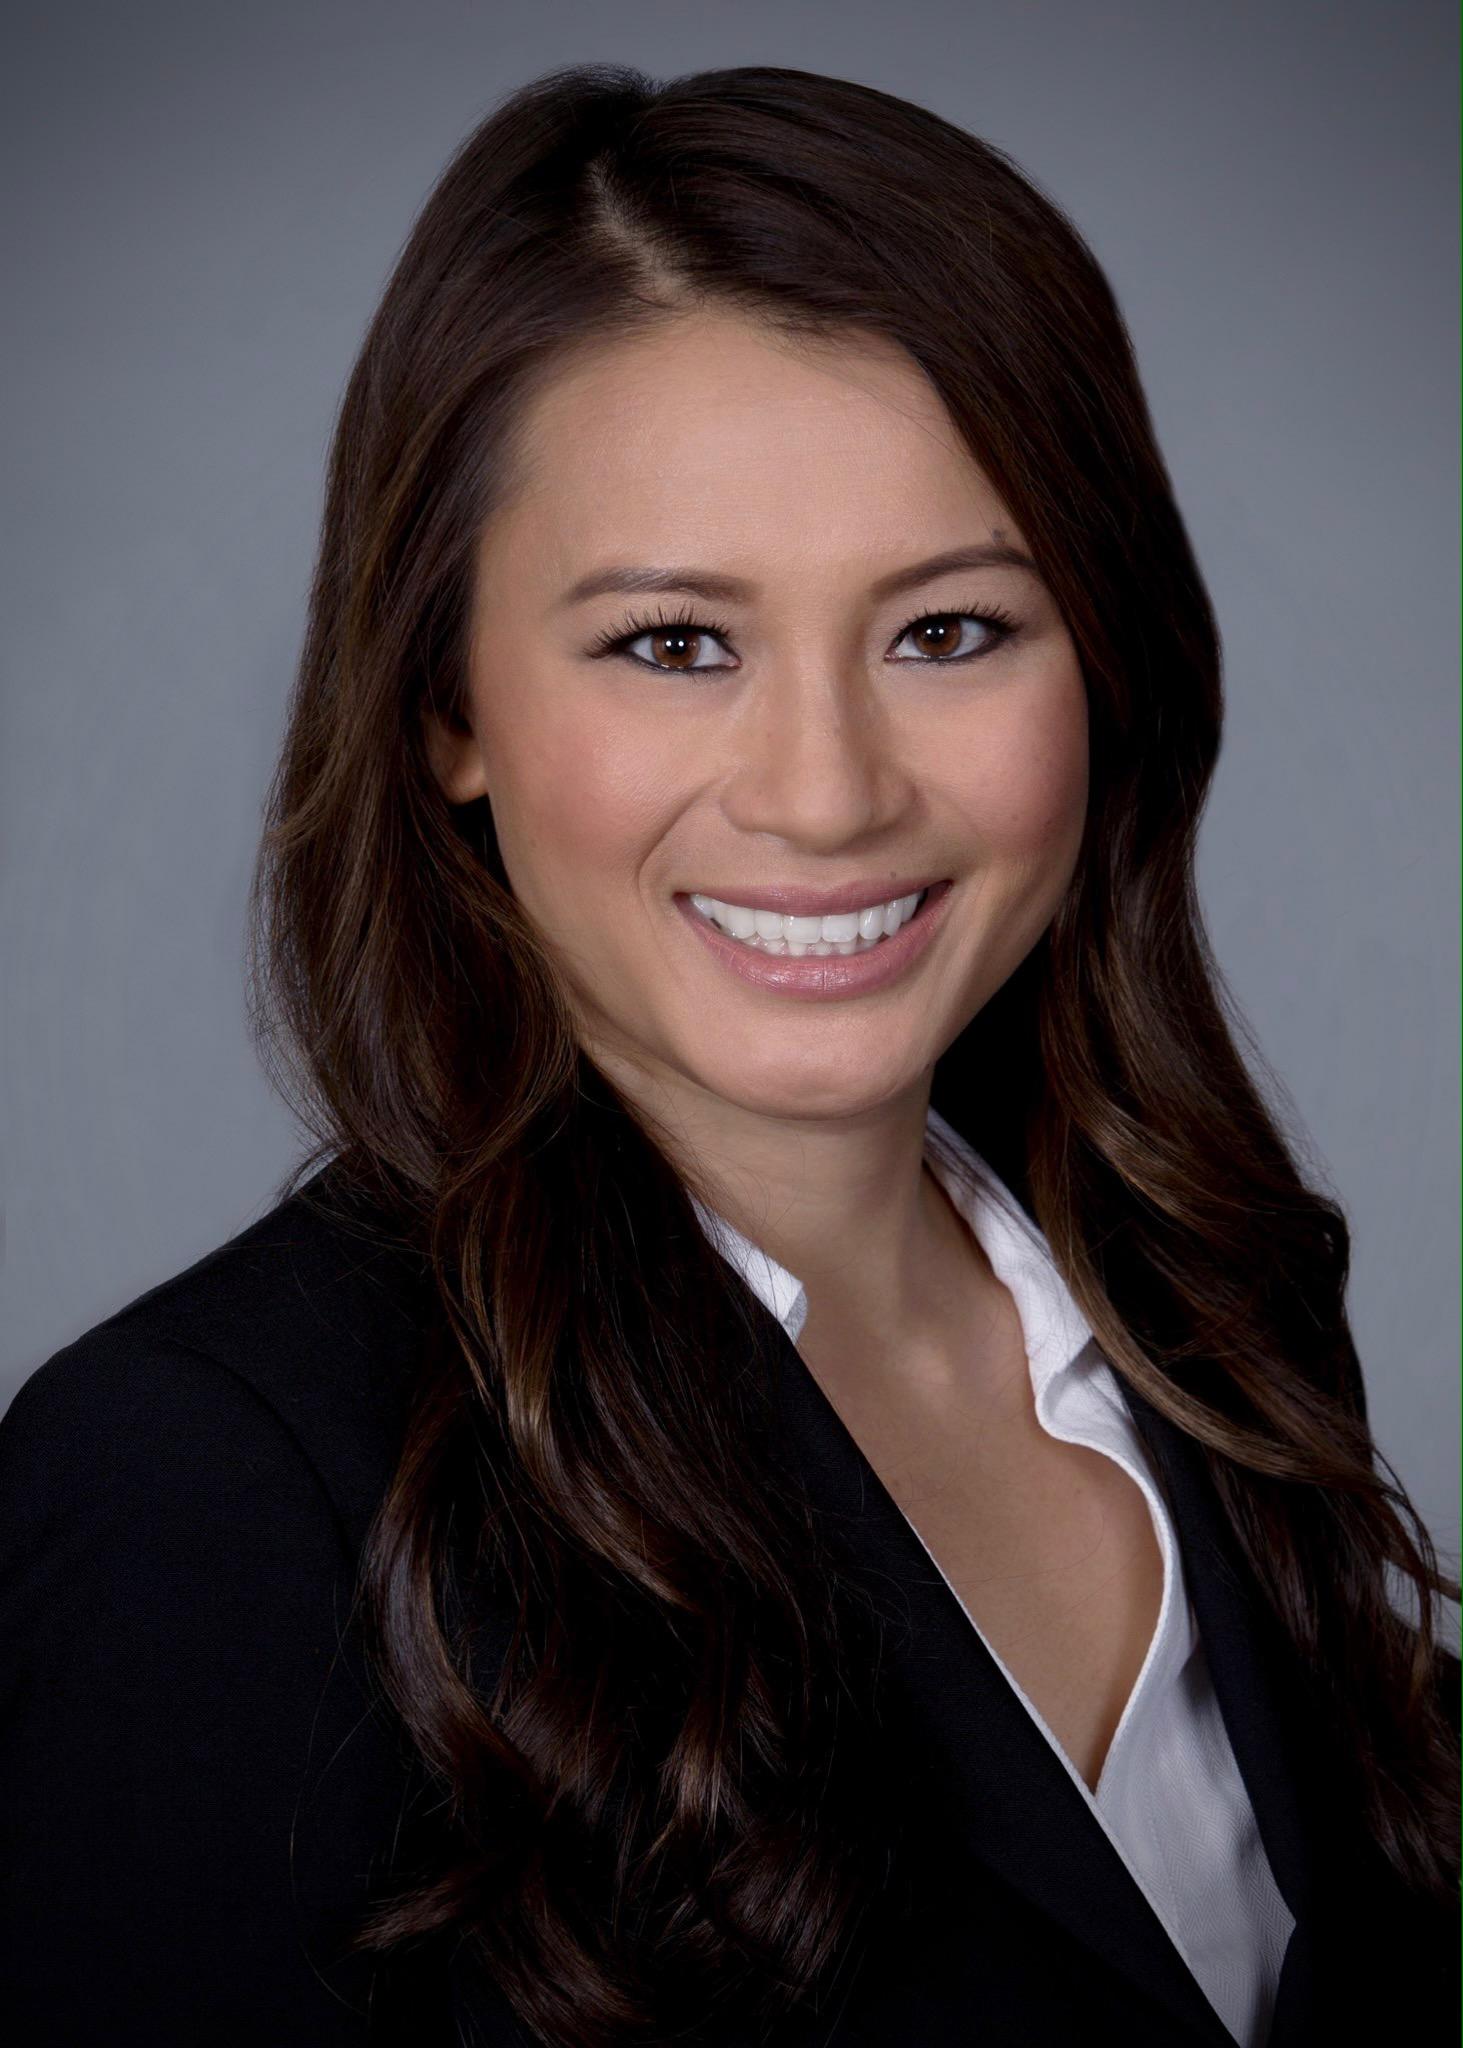 Christina Nguyn